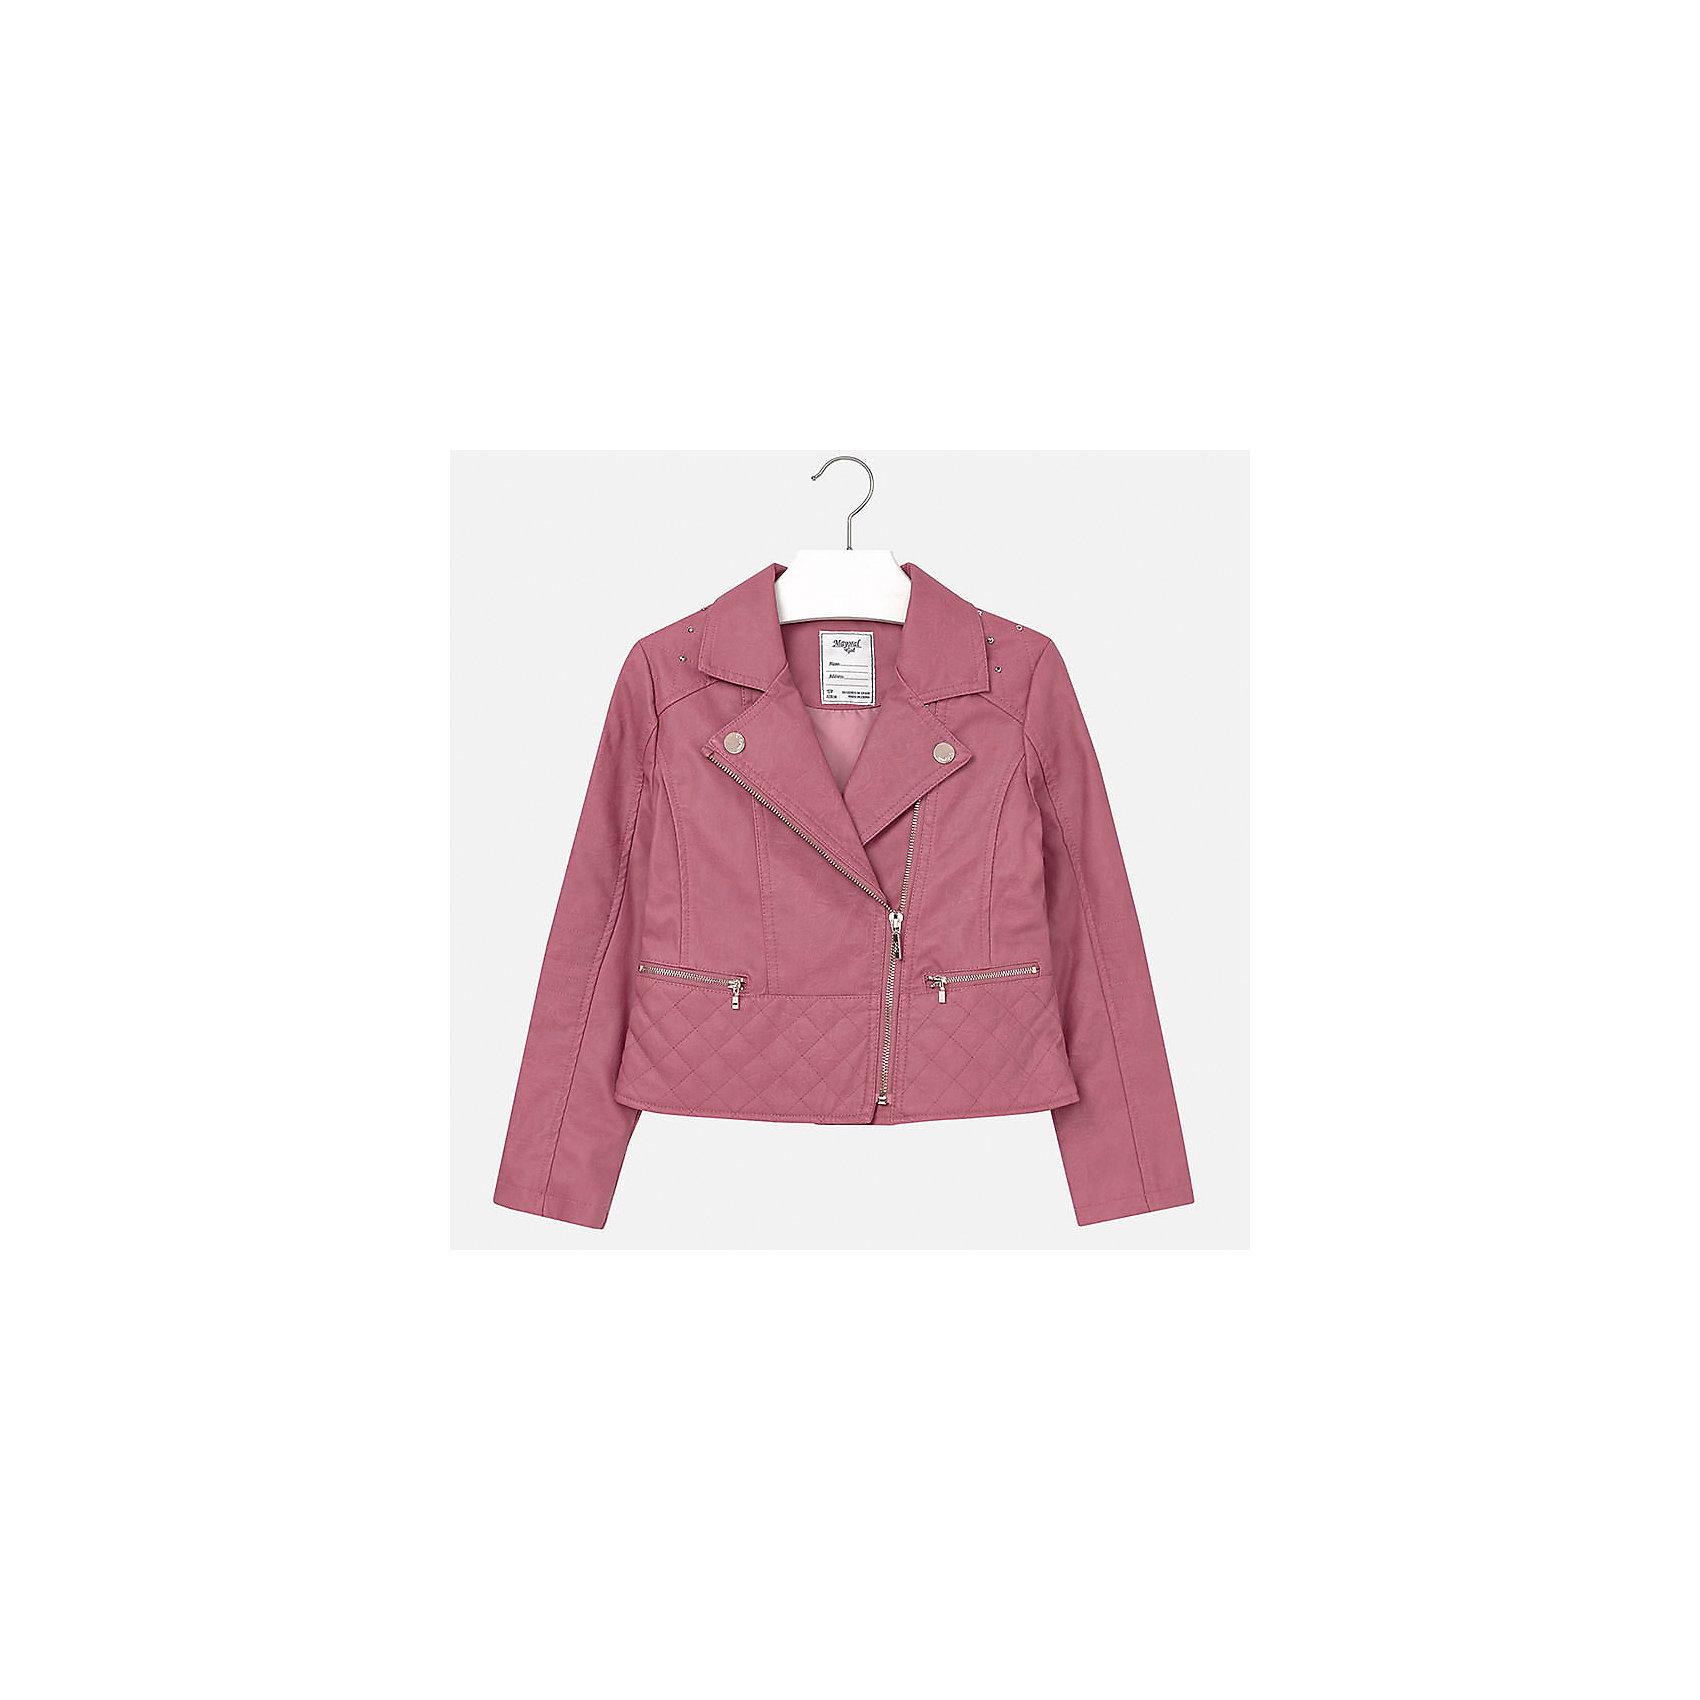 Куртка для девочки MayoralДемисезонные куртки<br>Куртка для девочки от известного испанского бренда Mayoral(Майорал). Куртка застегивается на молнию, украшена декоративными пуговицами и стразами. Изготовлена из качественных водоотталкивающих и дышащих материалов. Стильная курточка займет достойное место в гардеробе девочки!<br>Дополнительная информация:<br>-застегивается на молнию<br>-украшена стразами и декоративными пуговицами<br>-цвет: розовый<br>-состав. 100% полиуретан; подкладка: 100% полиэстер<br>Куртку для девочки Mayoral(Майорал) можно купить в нашем интернет-магазине.<br><br>Ширина мм: 356<br>Глубина мм: 10<br>Высота мм: 245<br>Вес г: 519<br>Цвет: розовый<br>Возраст от месяцев: 144<br>Возраст до месяцев: 156<br>Пол: Женский<br>Возраст: Детский<br>Размер: 152/158,128/134,164/170,146/152,134/140,158/164<br>SKU: 4847269